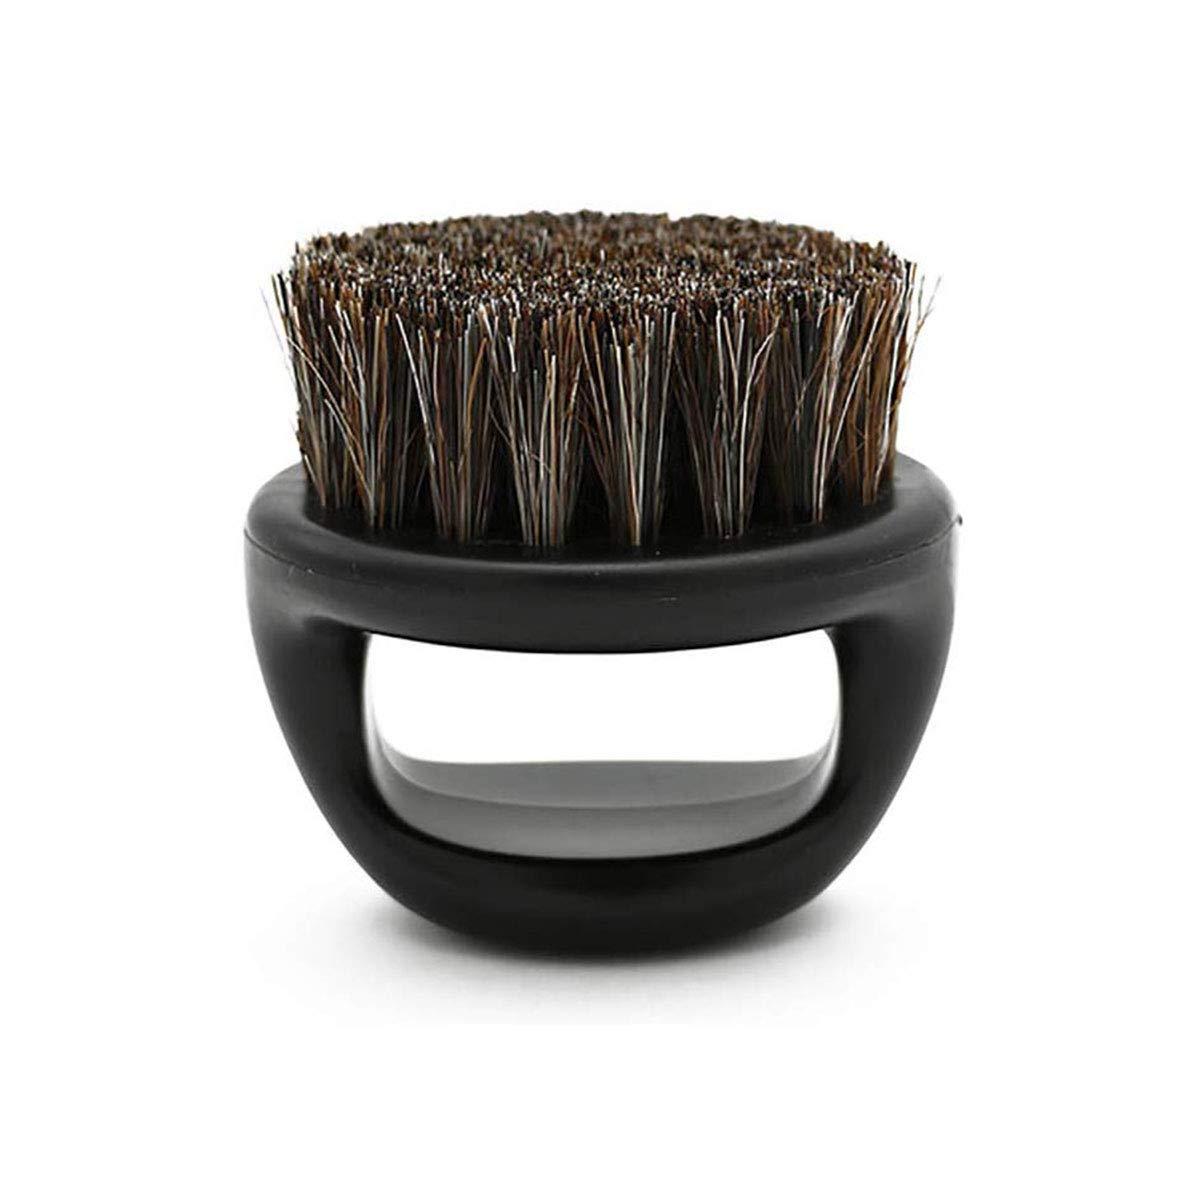 Men Shaving Brush ABS Handle Portable Barber Beard Brushes Cleaning Razor Brushs,Black